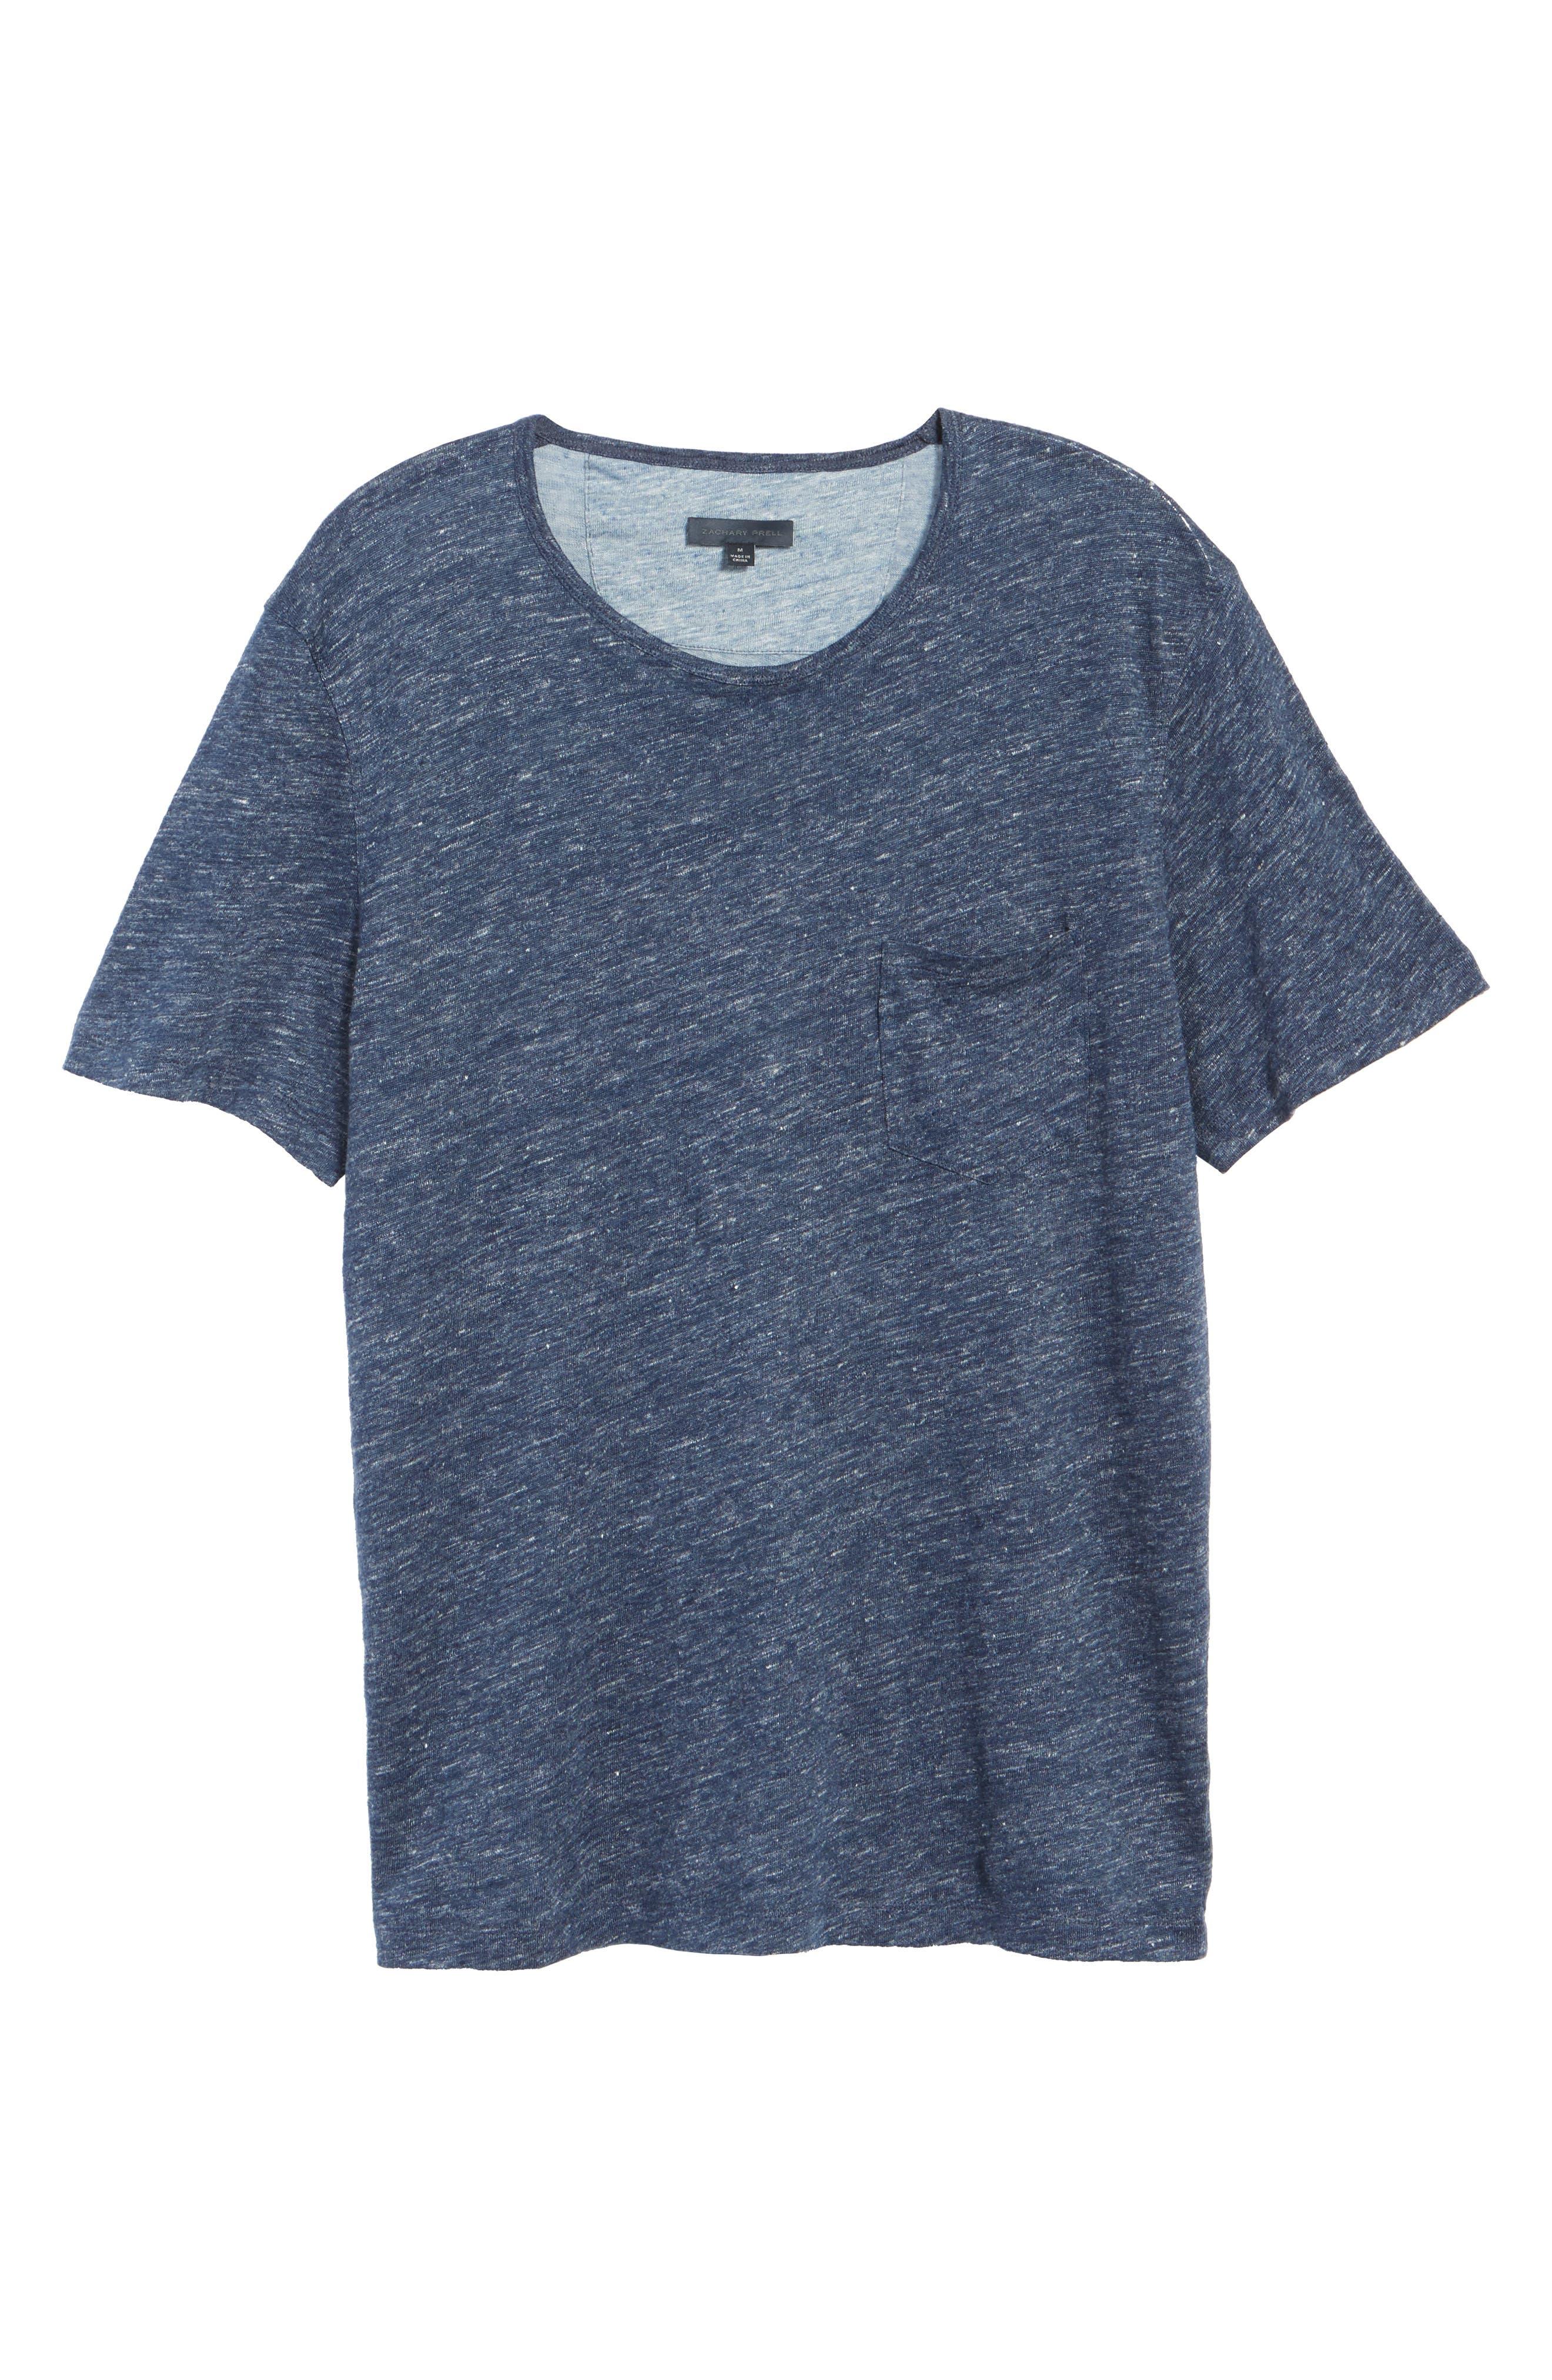 Monad Colorblock Linen T-Shirt,                             Alternate thumbnail 2, color,                             Blue Mountain